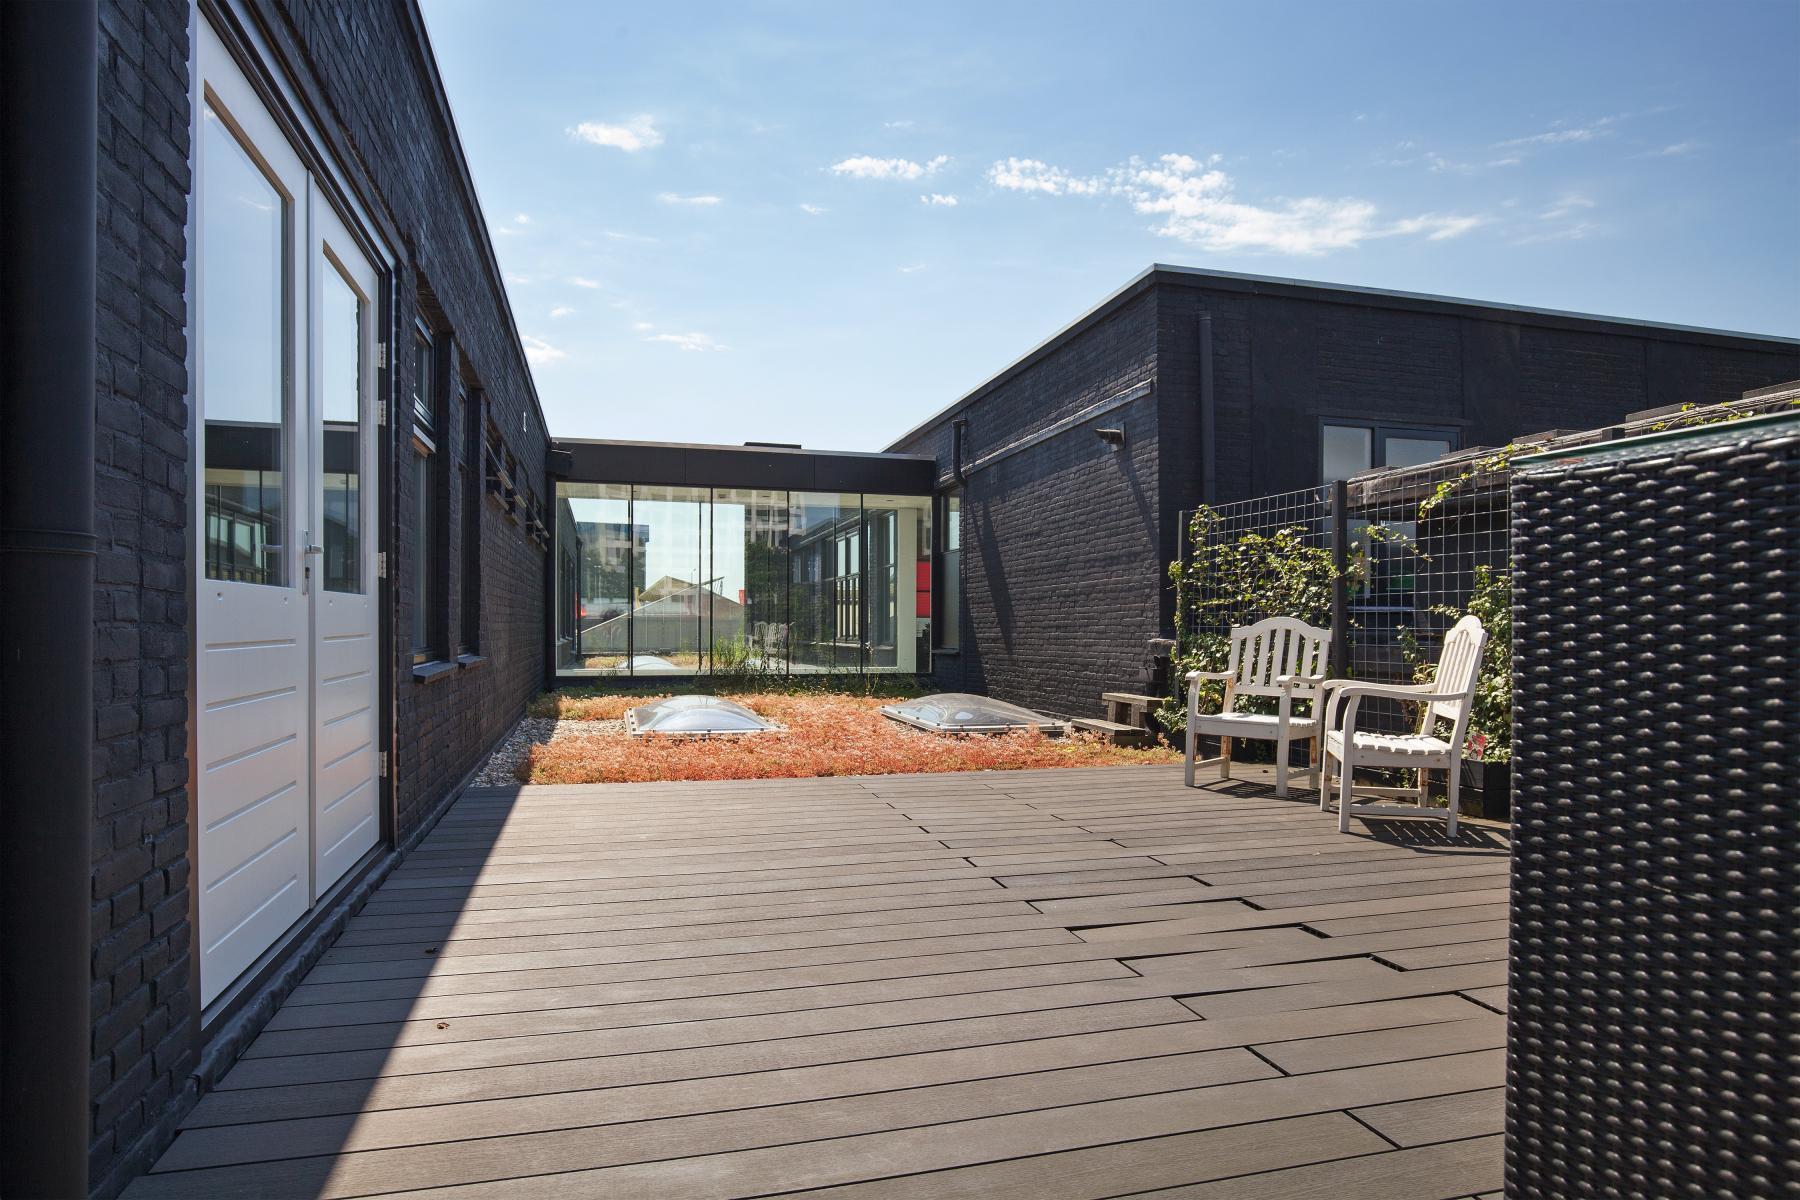 kantoorruimte huren aan van helmontstraat in rotterdam met dakterras